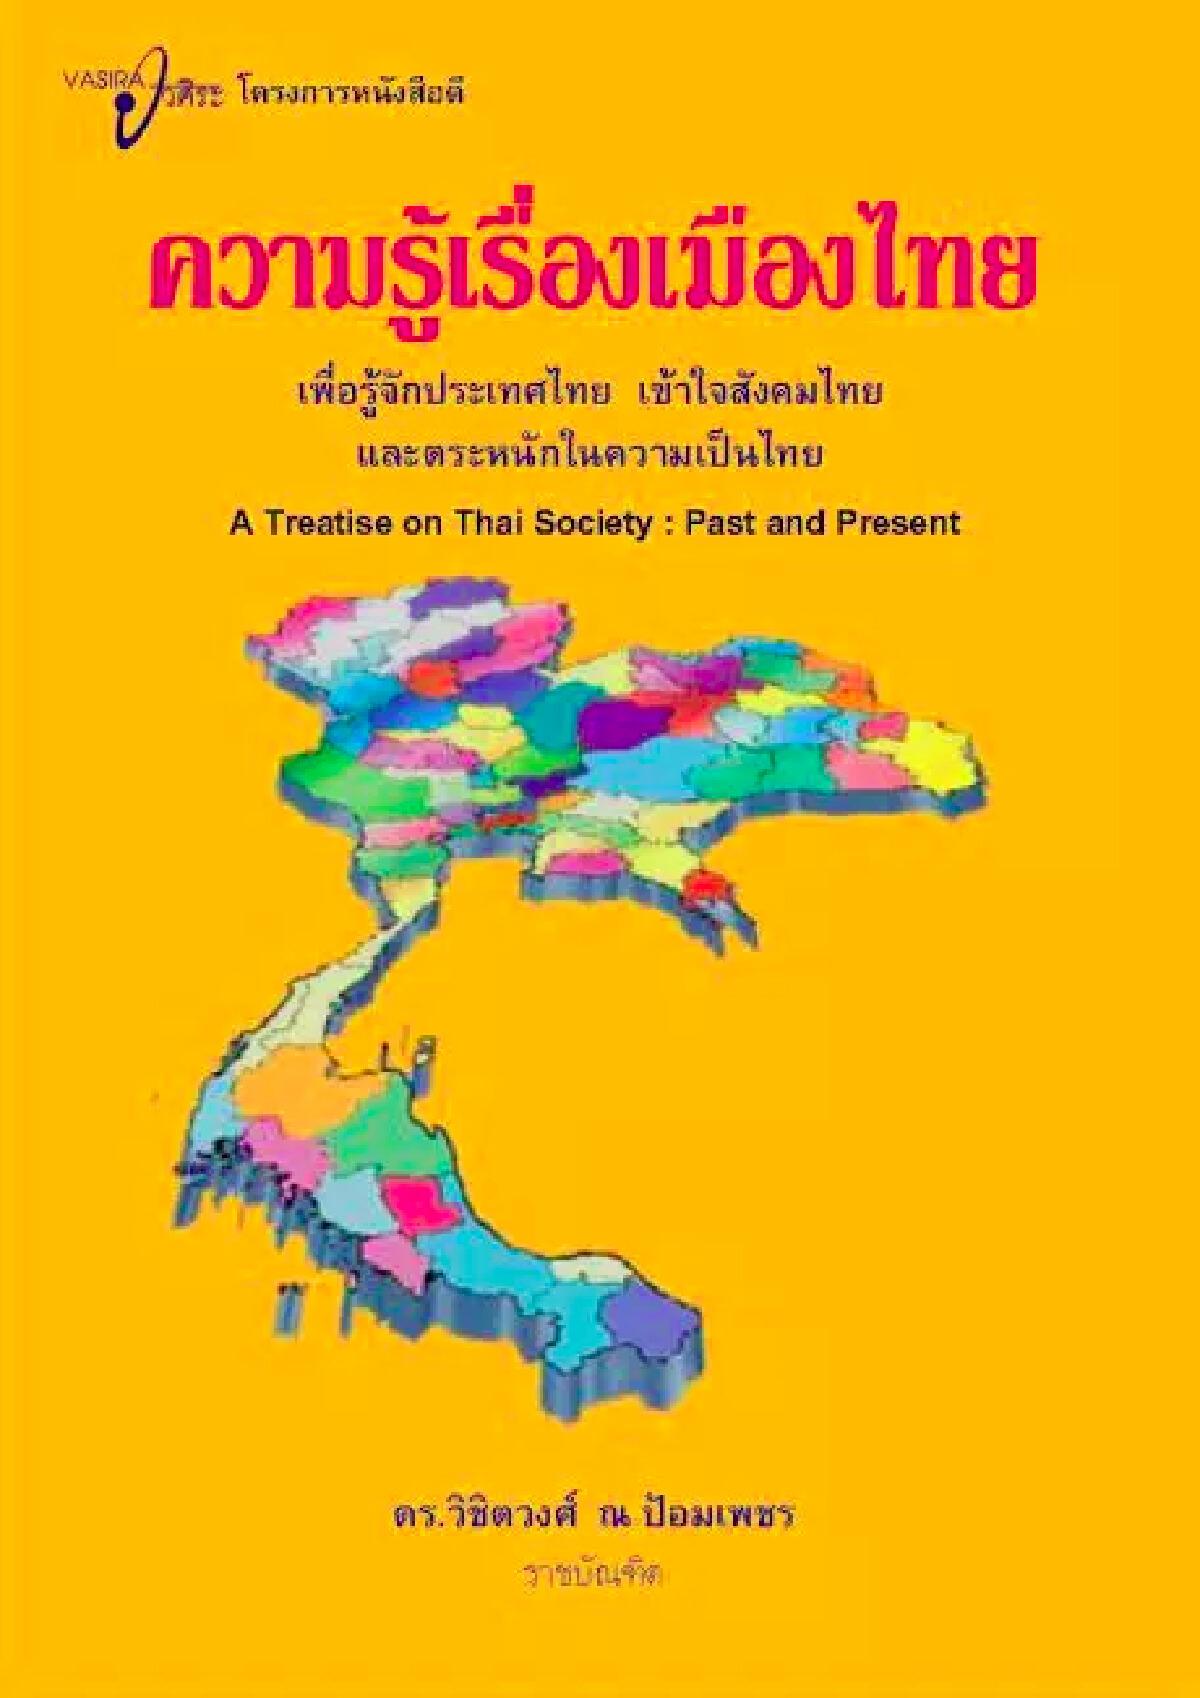 นายกฯ แนะหนังสือน่าอ่าน ความรู้เรื่องเมืองไทย ให้คนไทยรู้จักประเทศ